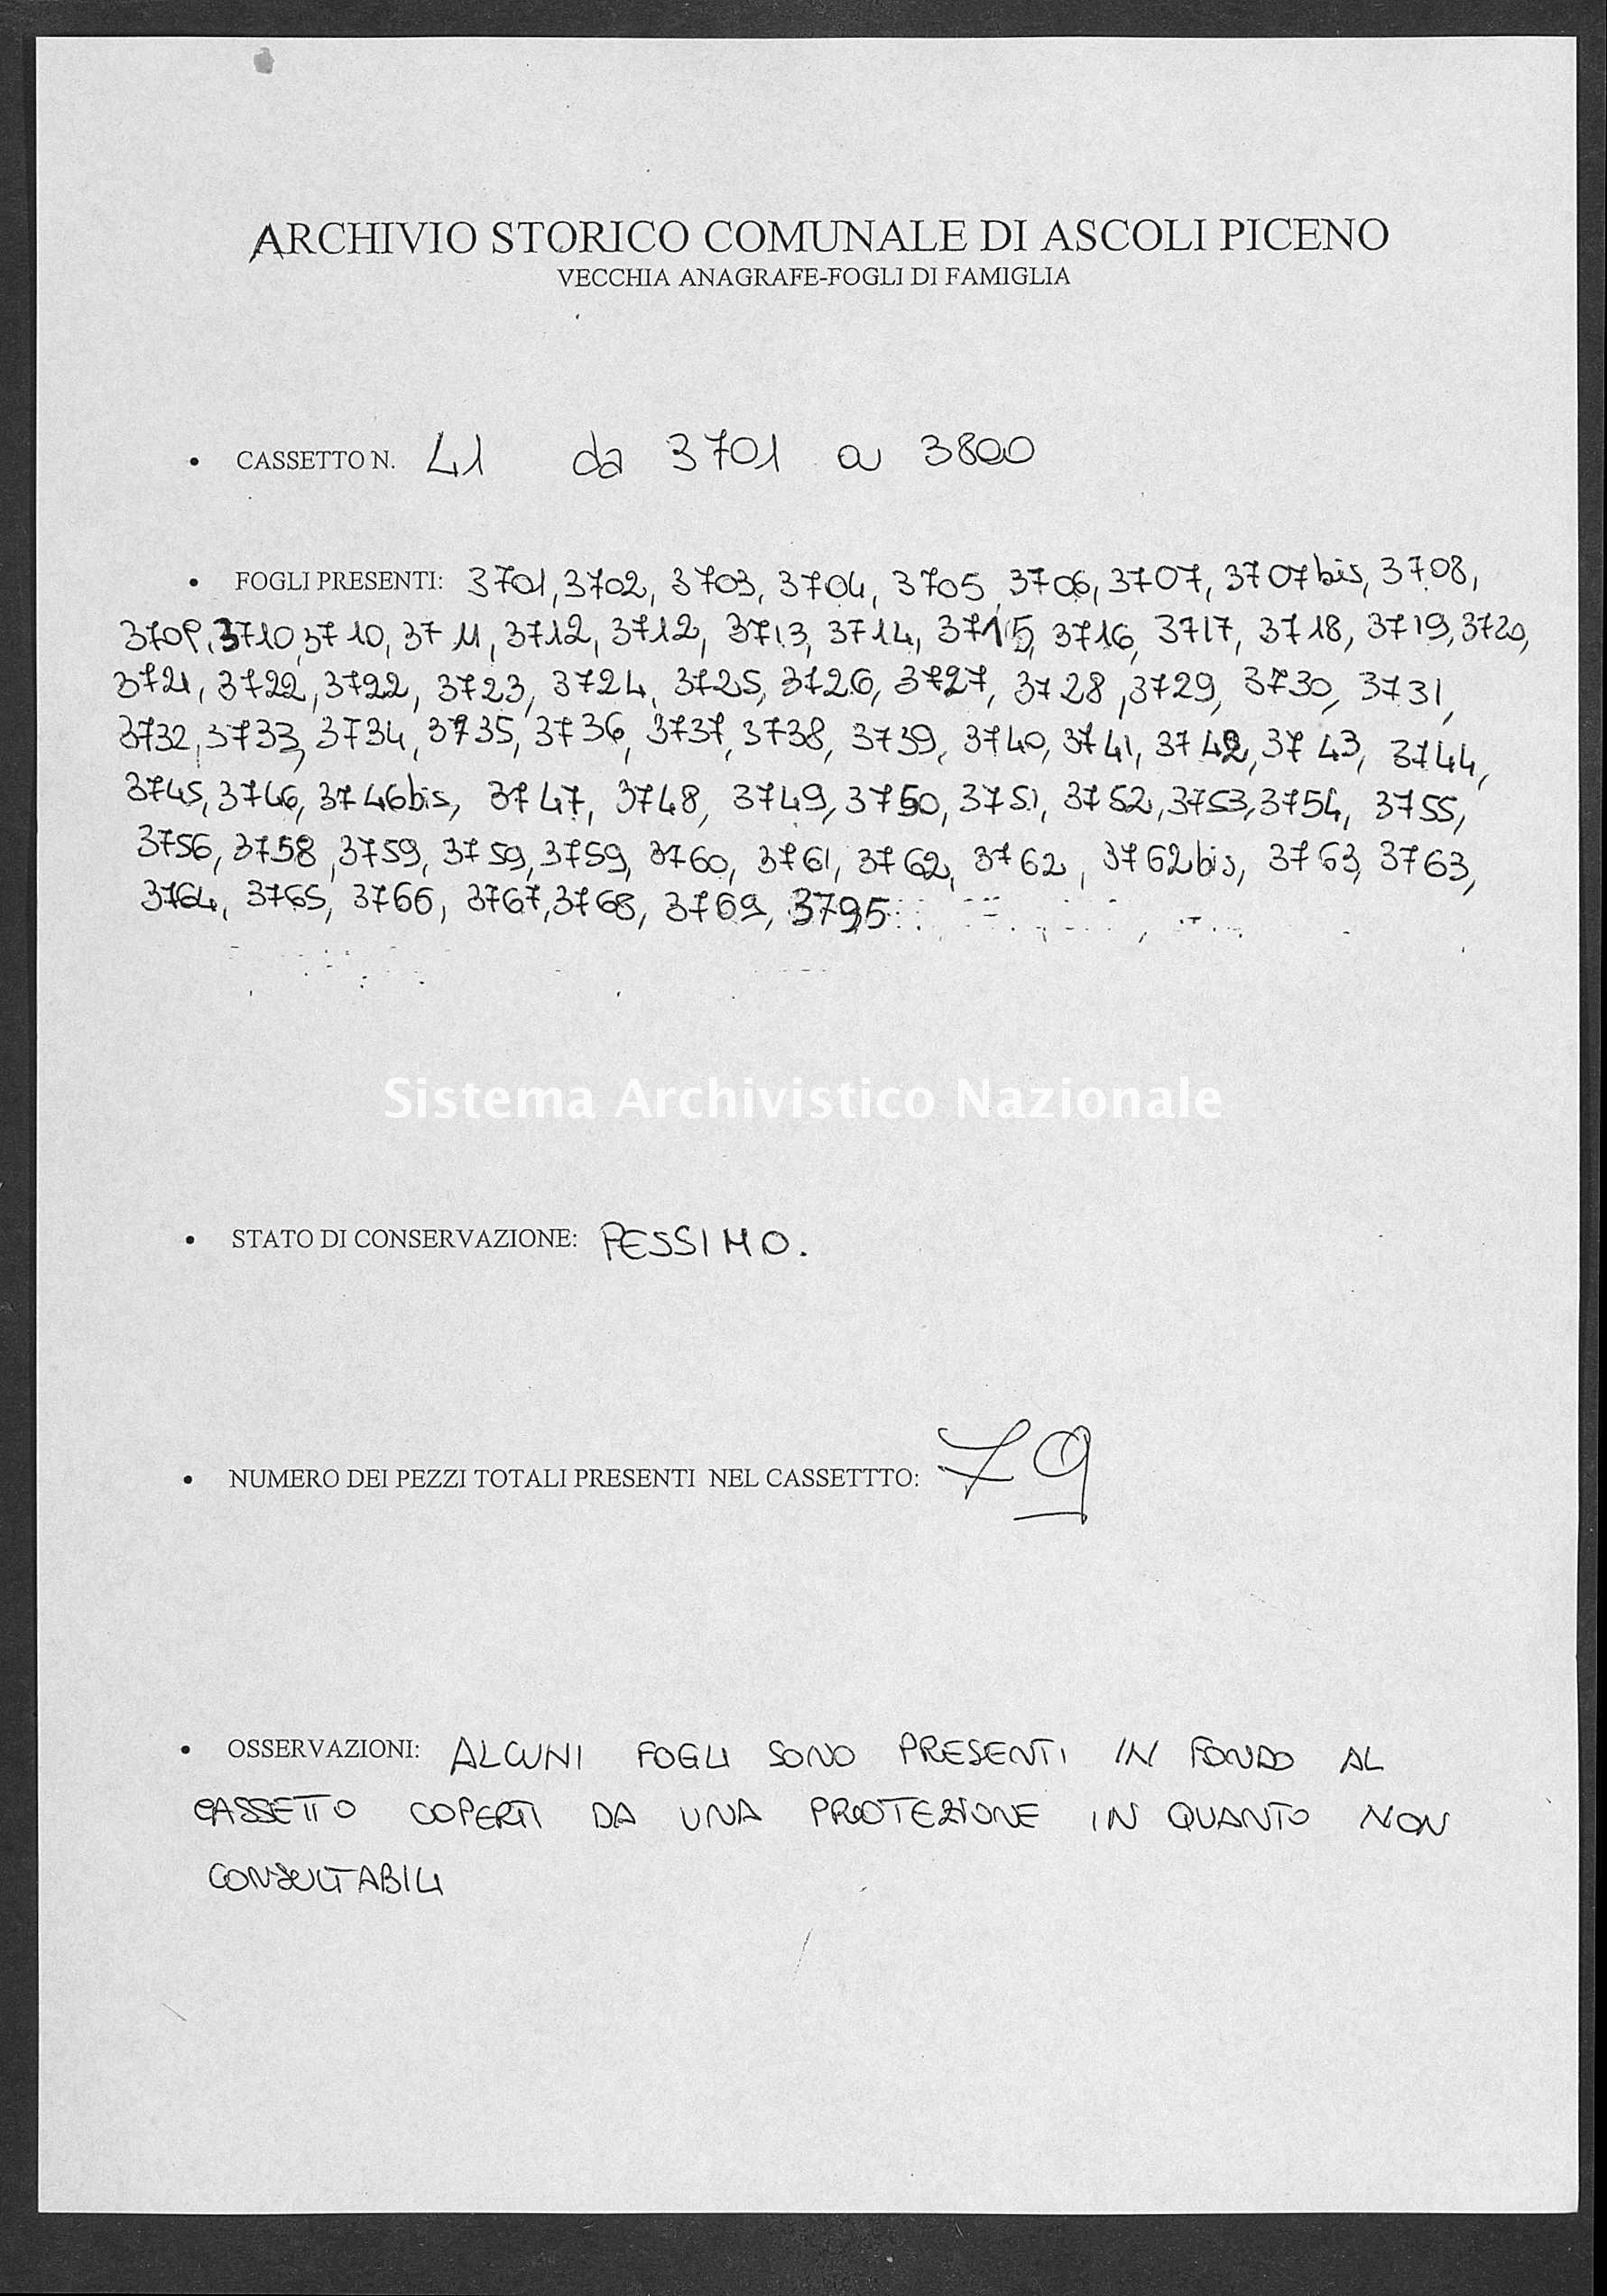 Archivio di stato di Ascoli Piceno - Stato civile italiano - Ascoli Piceno - Censimento - 1800-1880 - 41, fogli 3701-3795 -